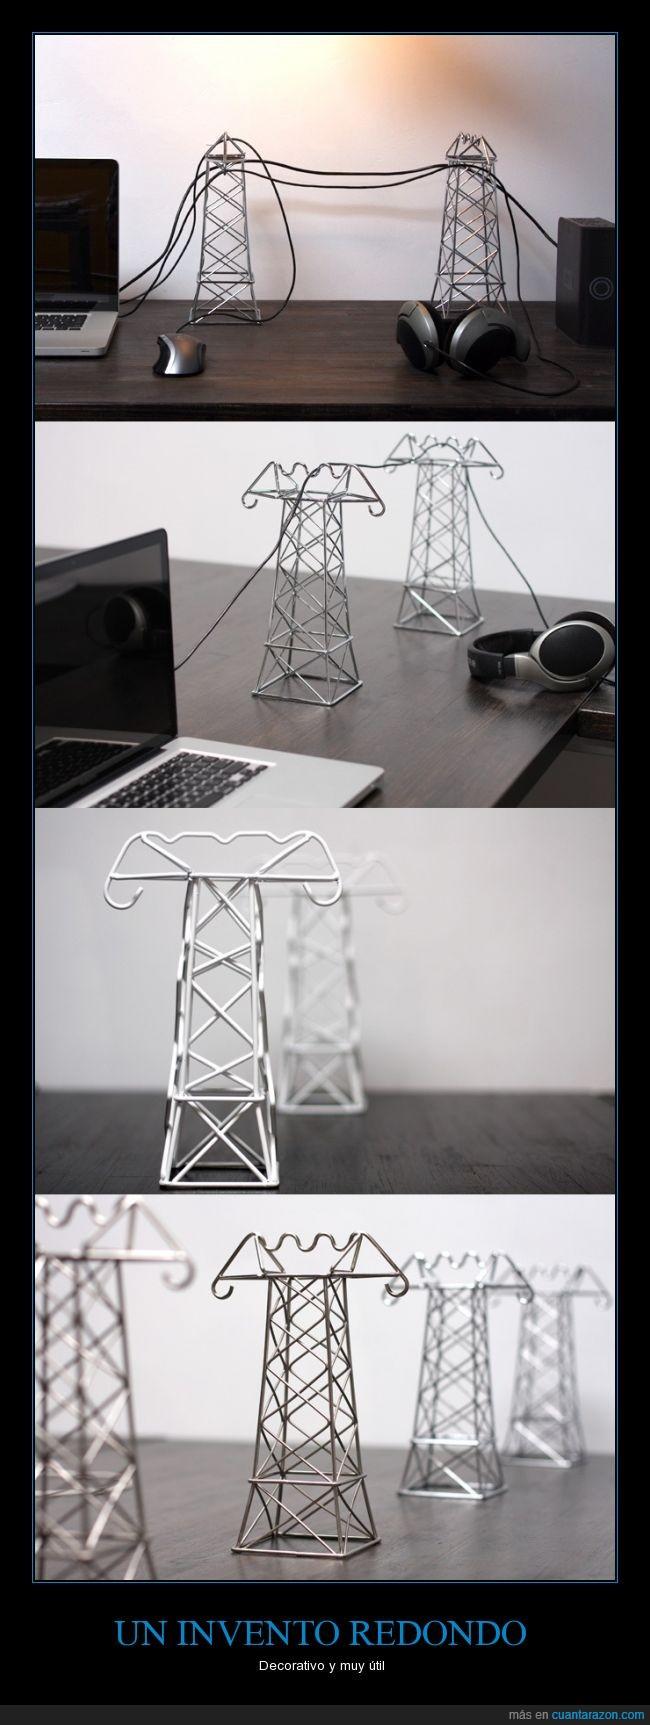 arreglar,cables,colgar,conectar,invento,ordenador,ordenar,telefono,torre